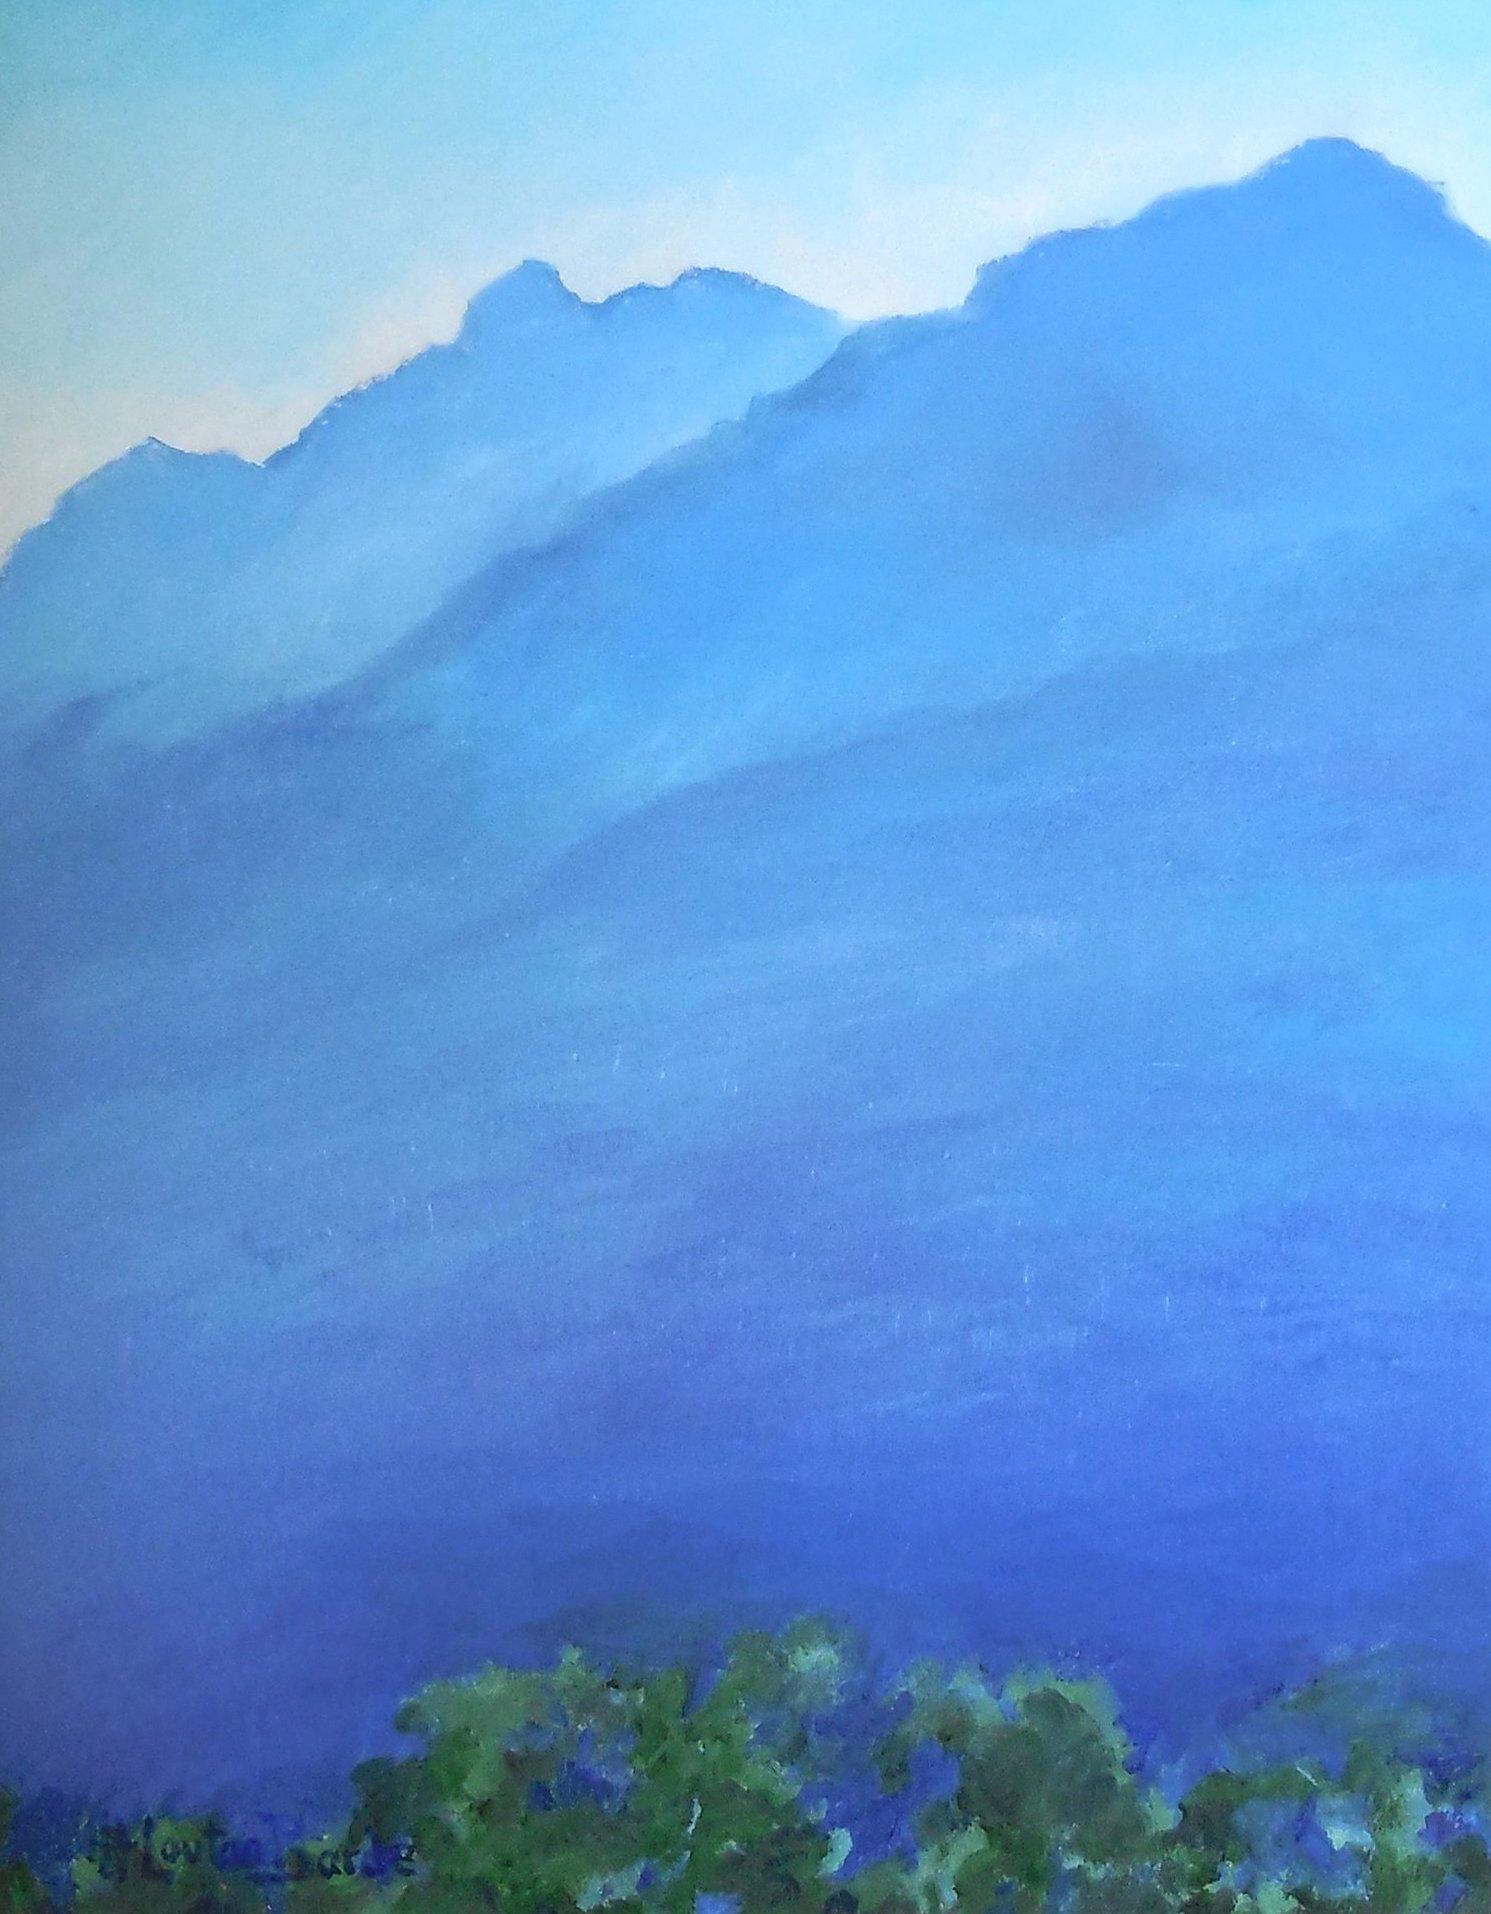 Peinture d'Henriette Loutan Barde